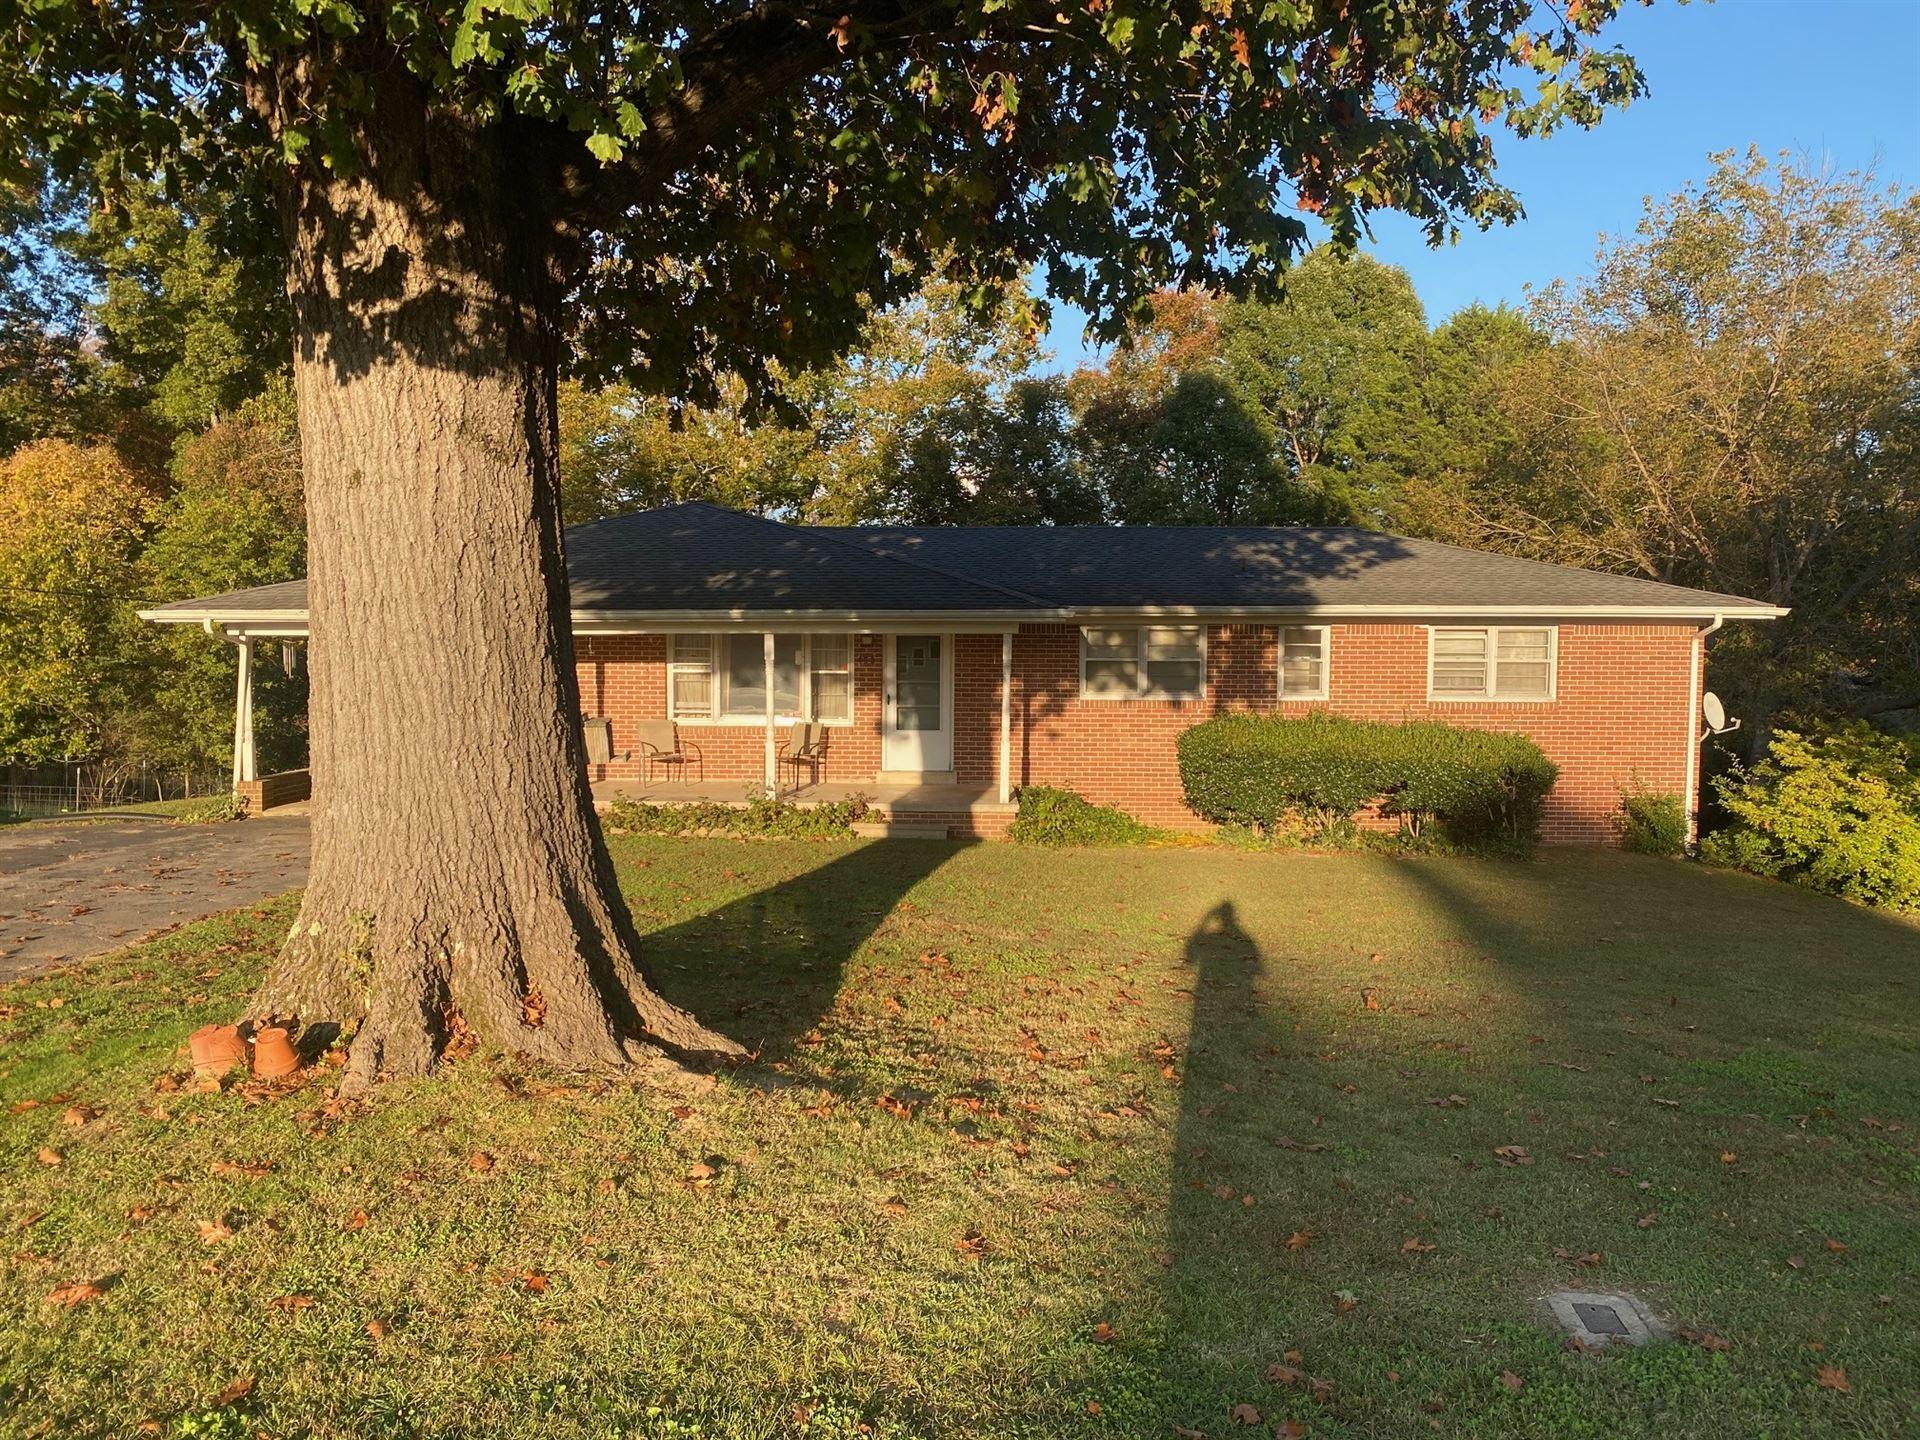 Photo of 495 Salem Rd, Minor Hill, TN 38473 (MLS # 2200318)